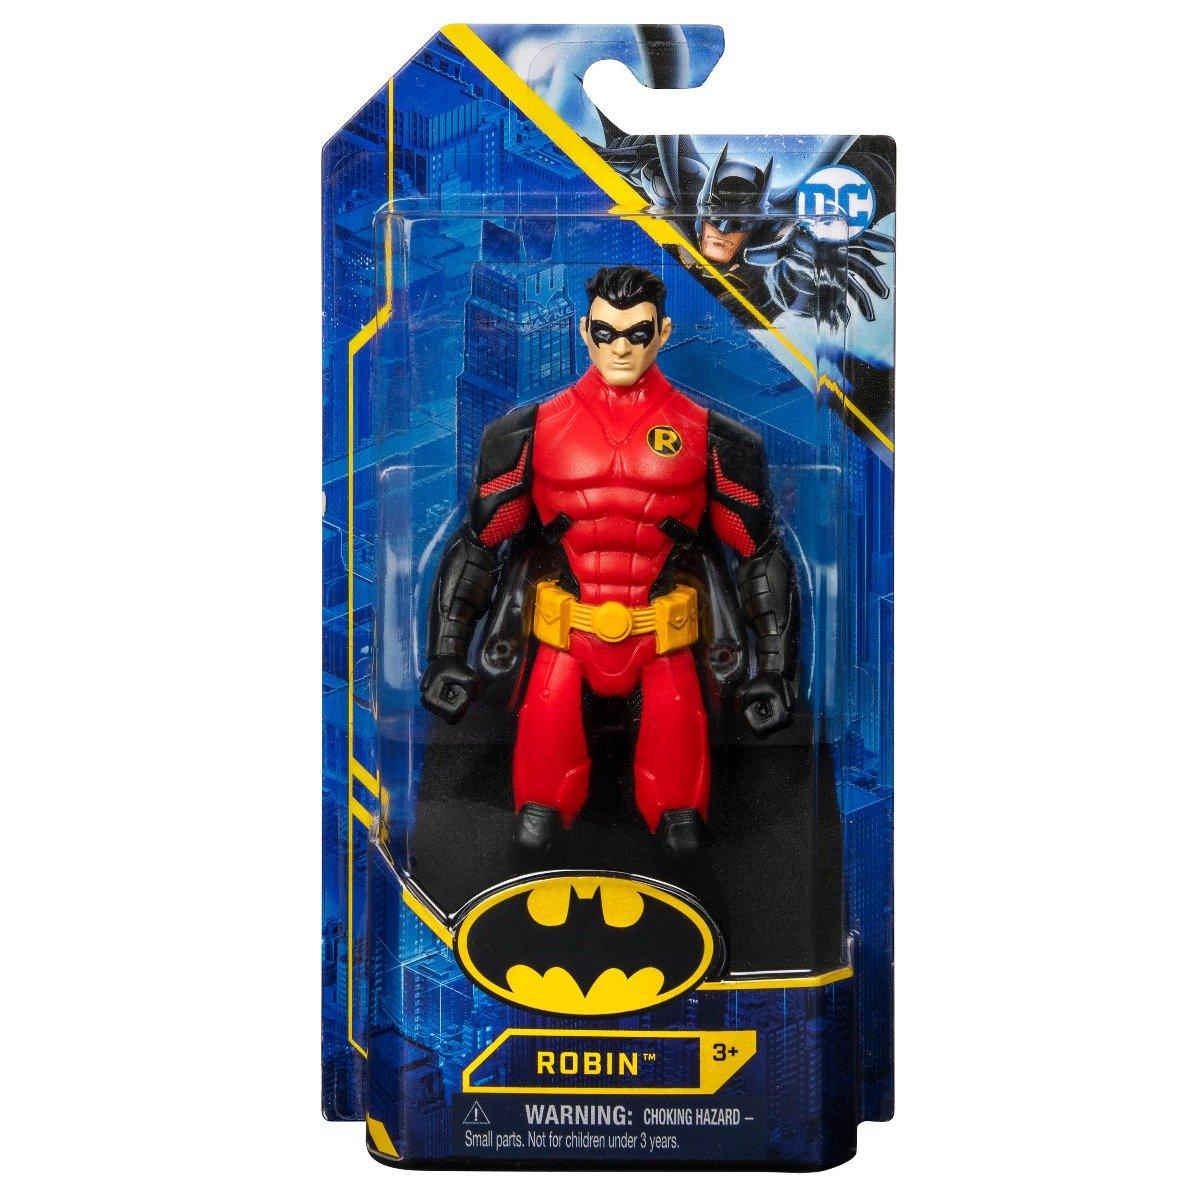 Figurina articulata Batman, Robin, 15 cm, 20130944